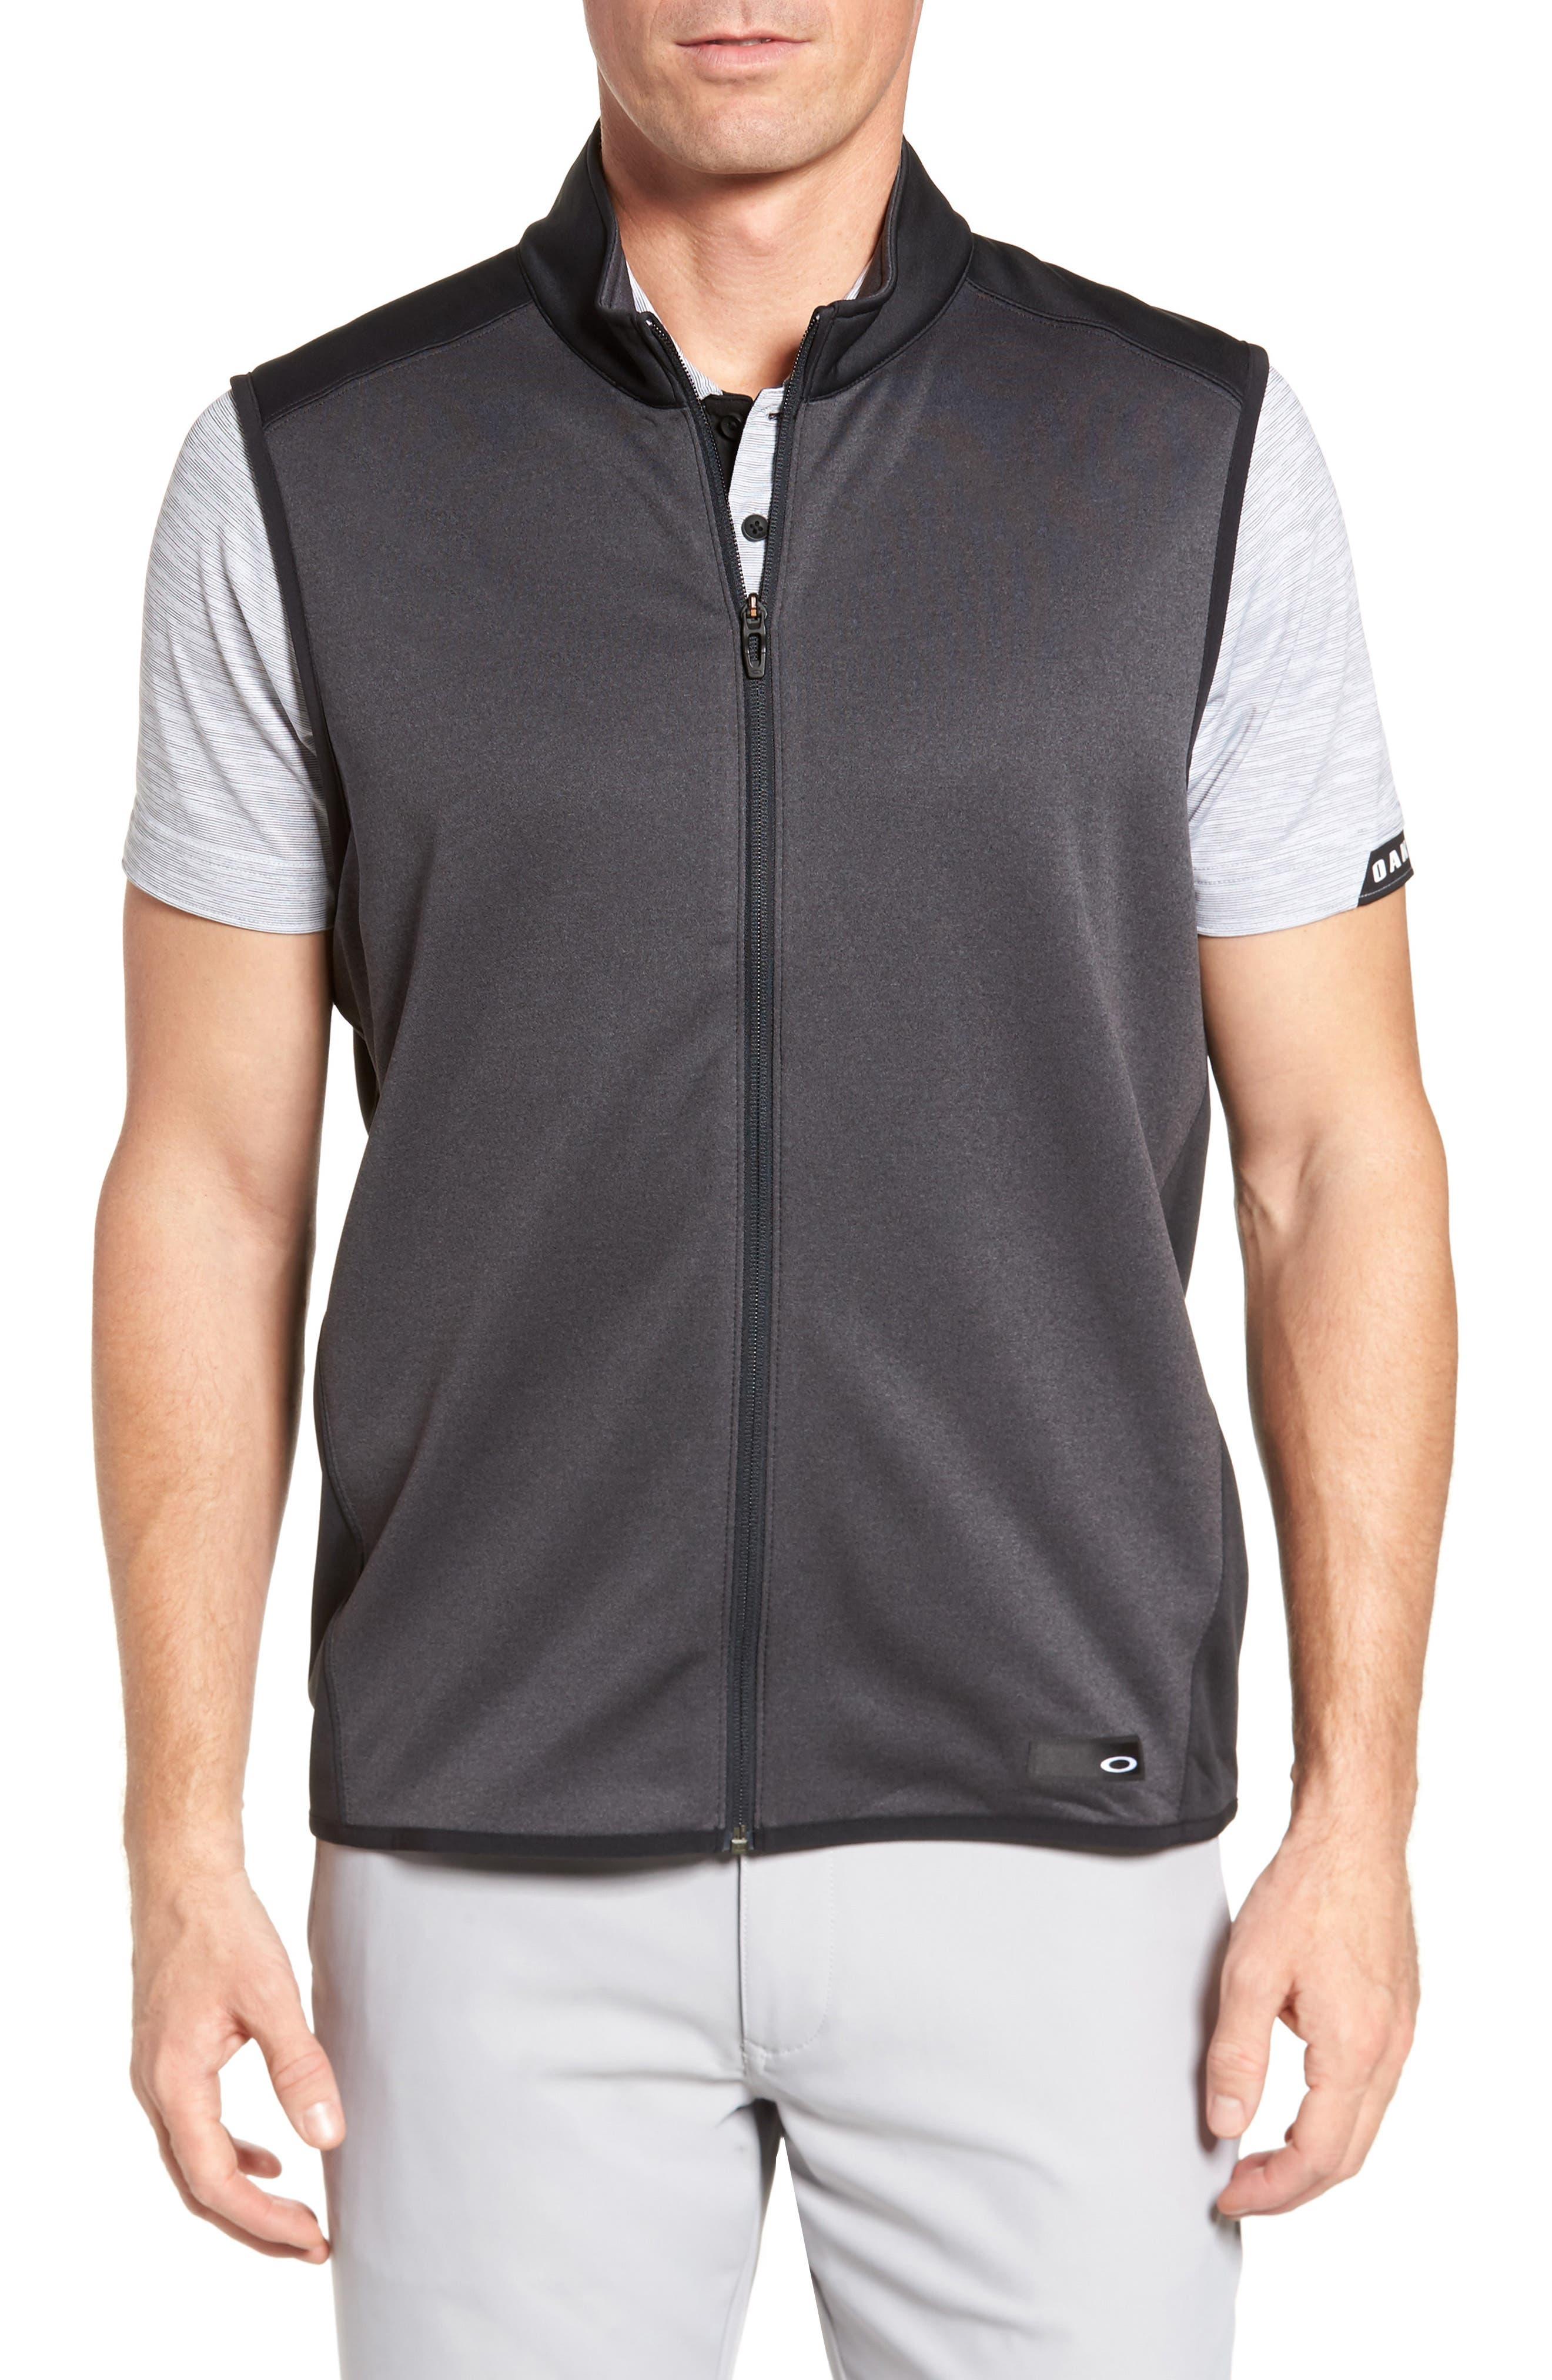 Range Vest,                             Main thumbnail 1, color,                             001